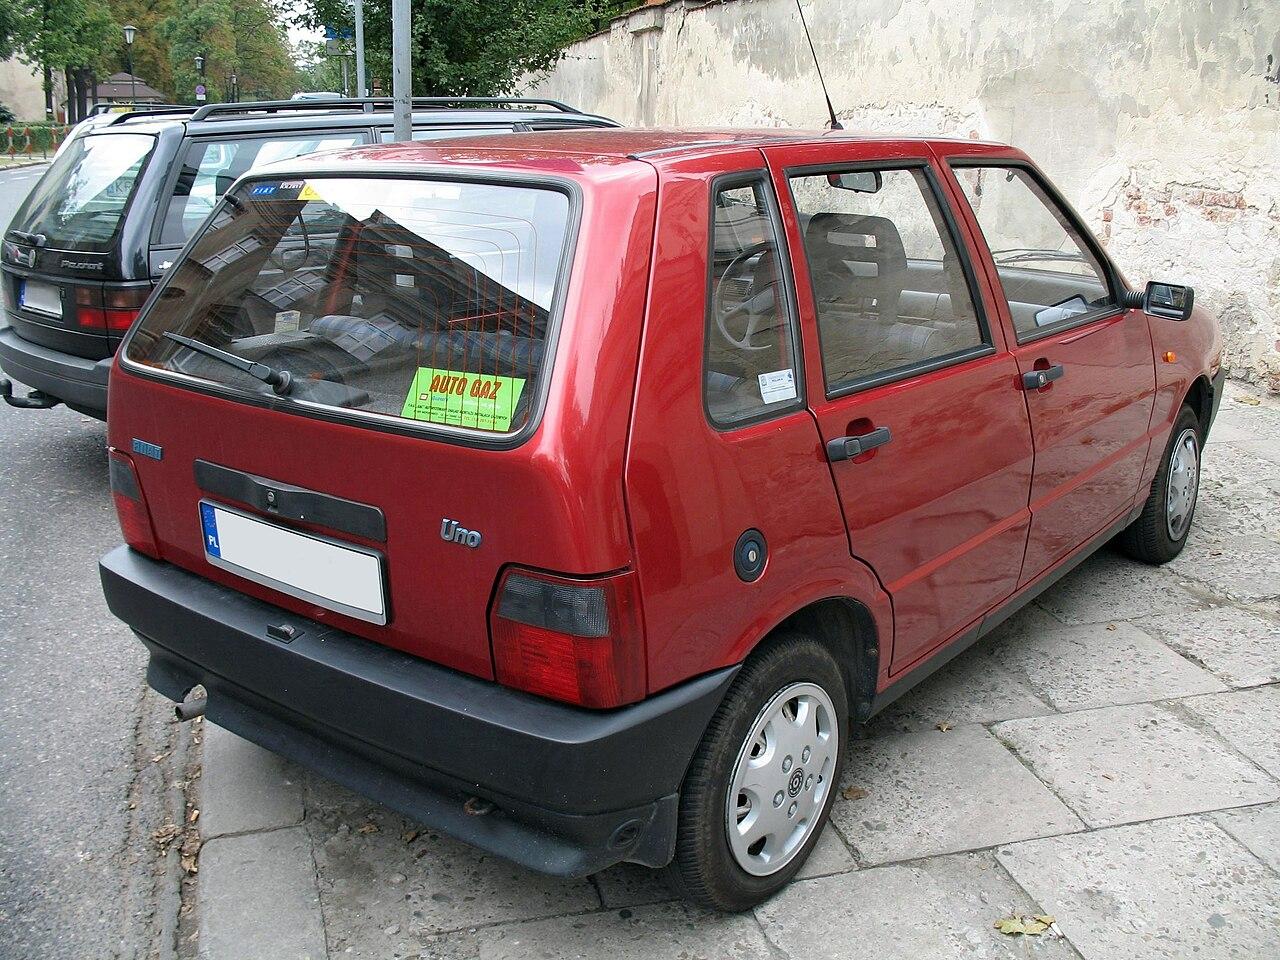 1280px-Fiat_Uno_II_back.jpg